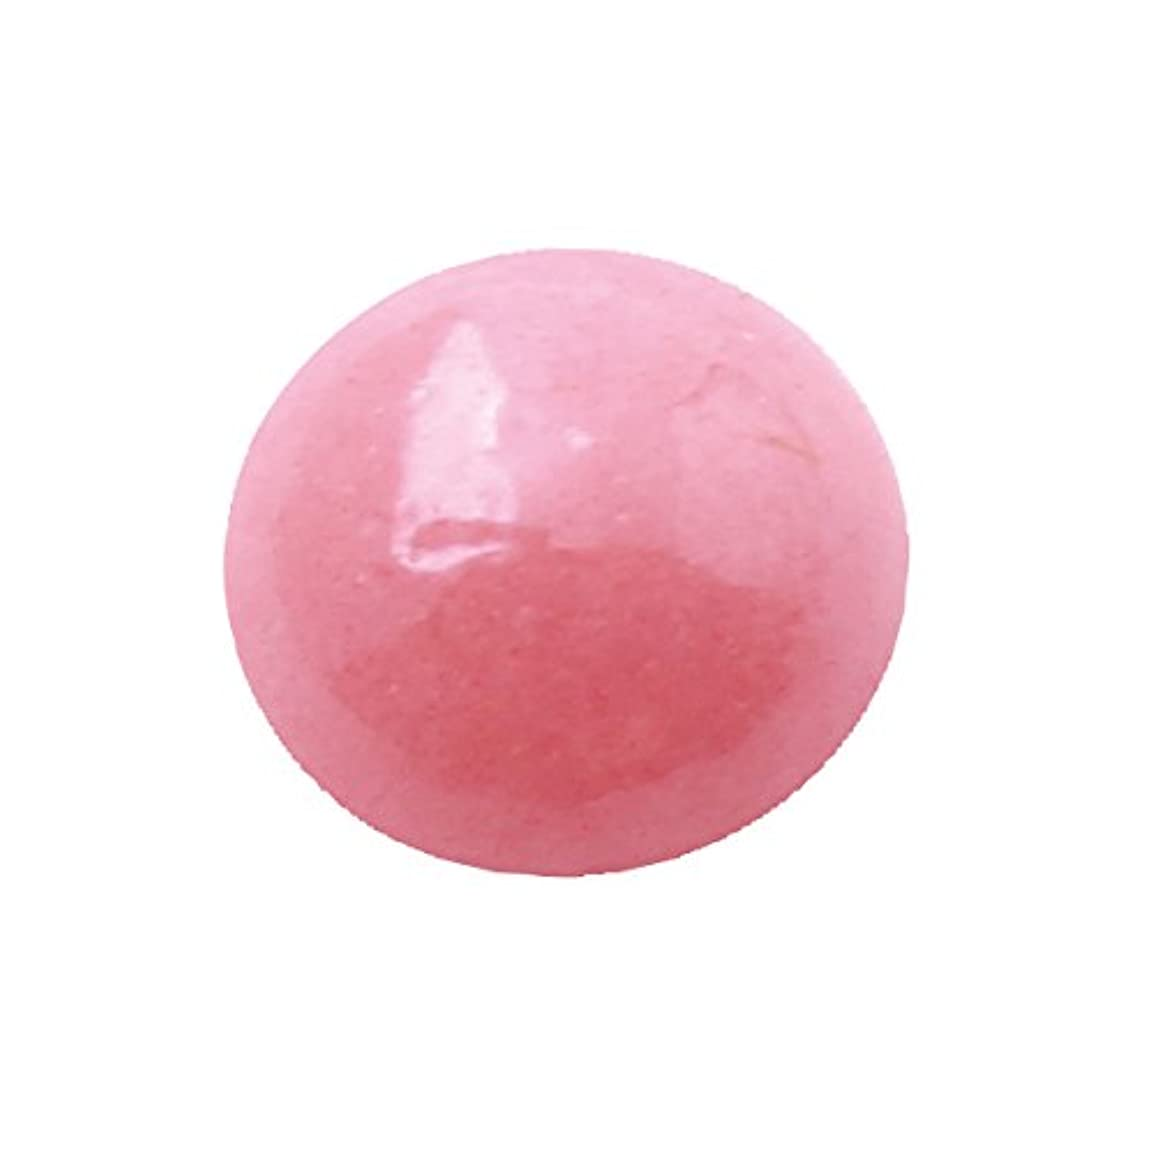 予測する掻く終点グラスパールラウンド 2mm(各50個)(ストーン ネイルアート ネイル用品)ピンク